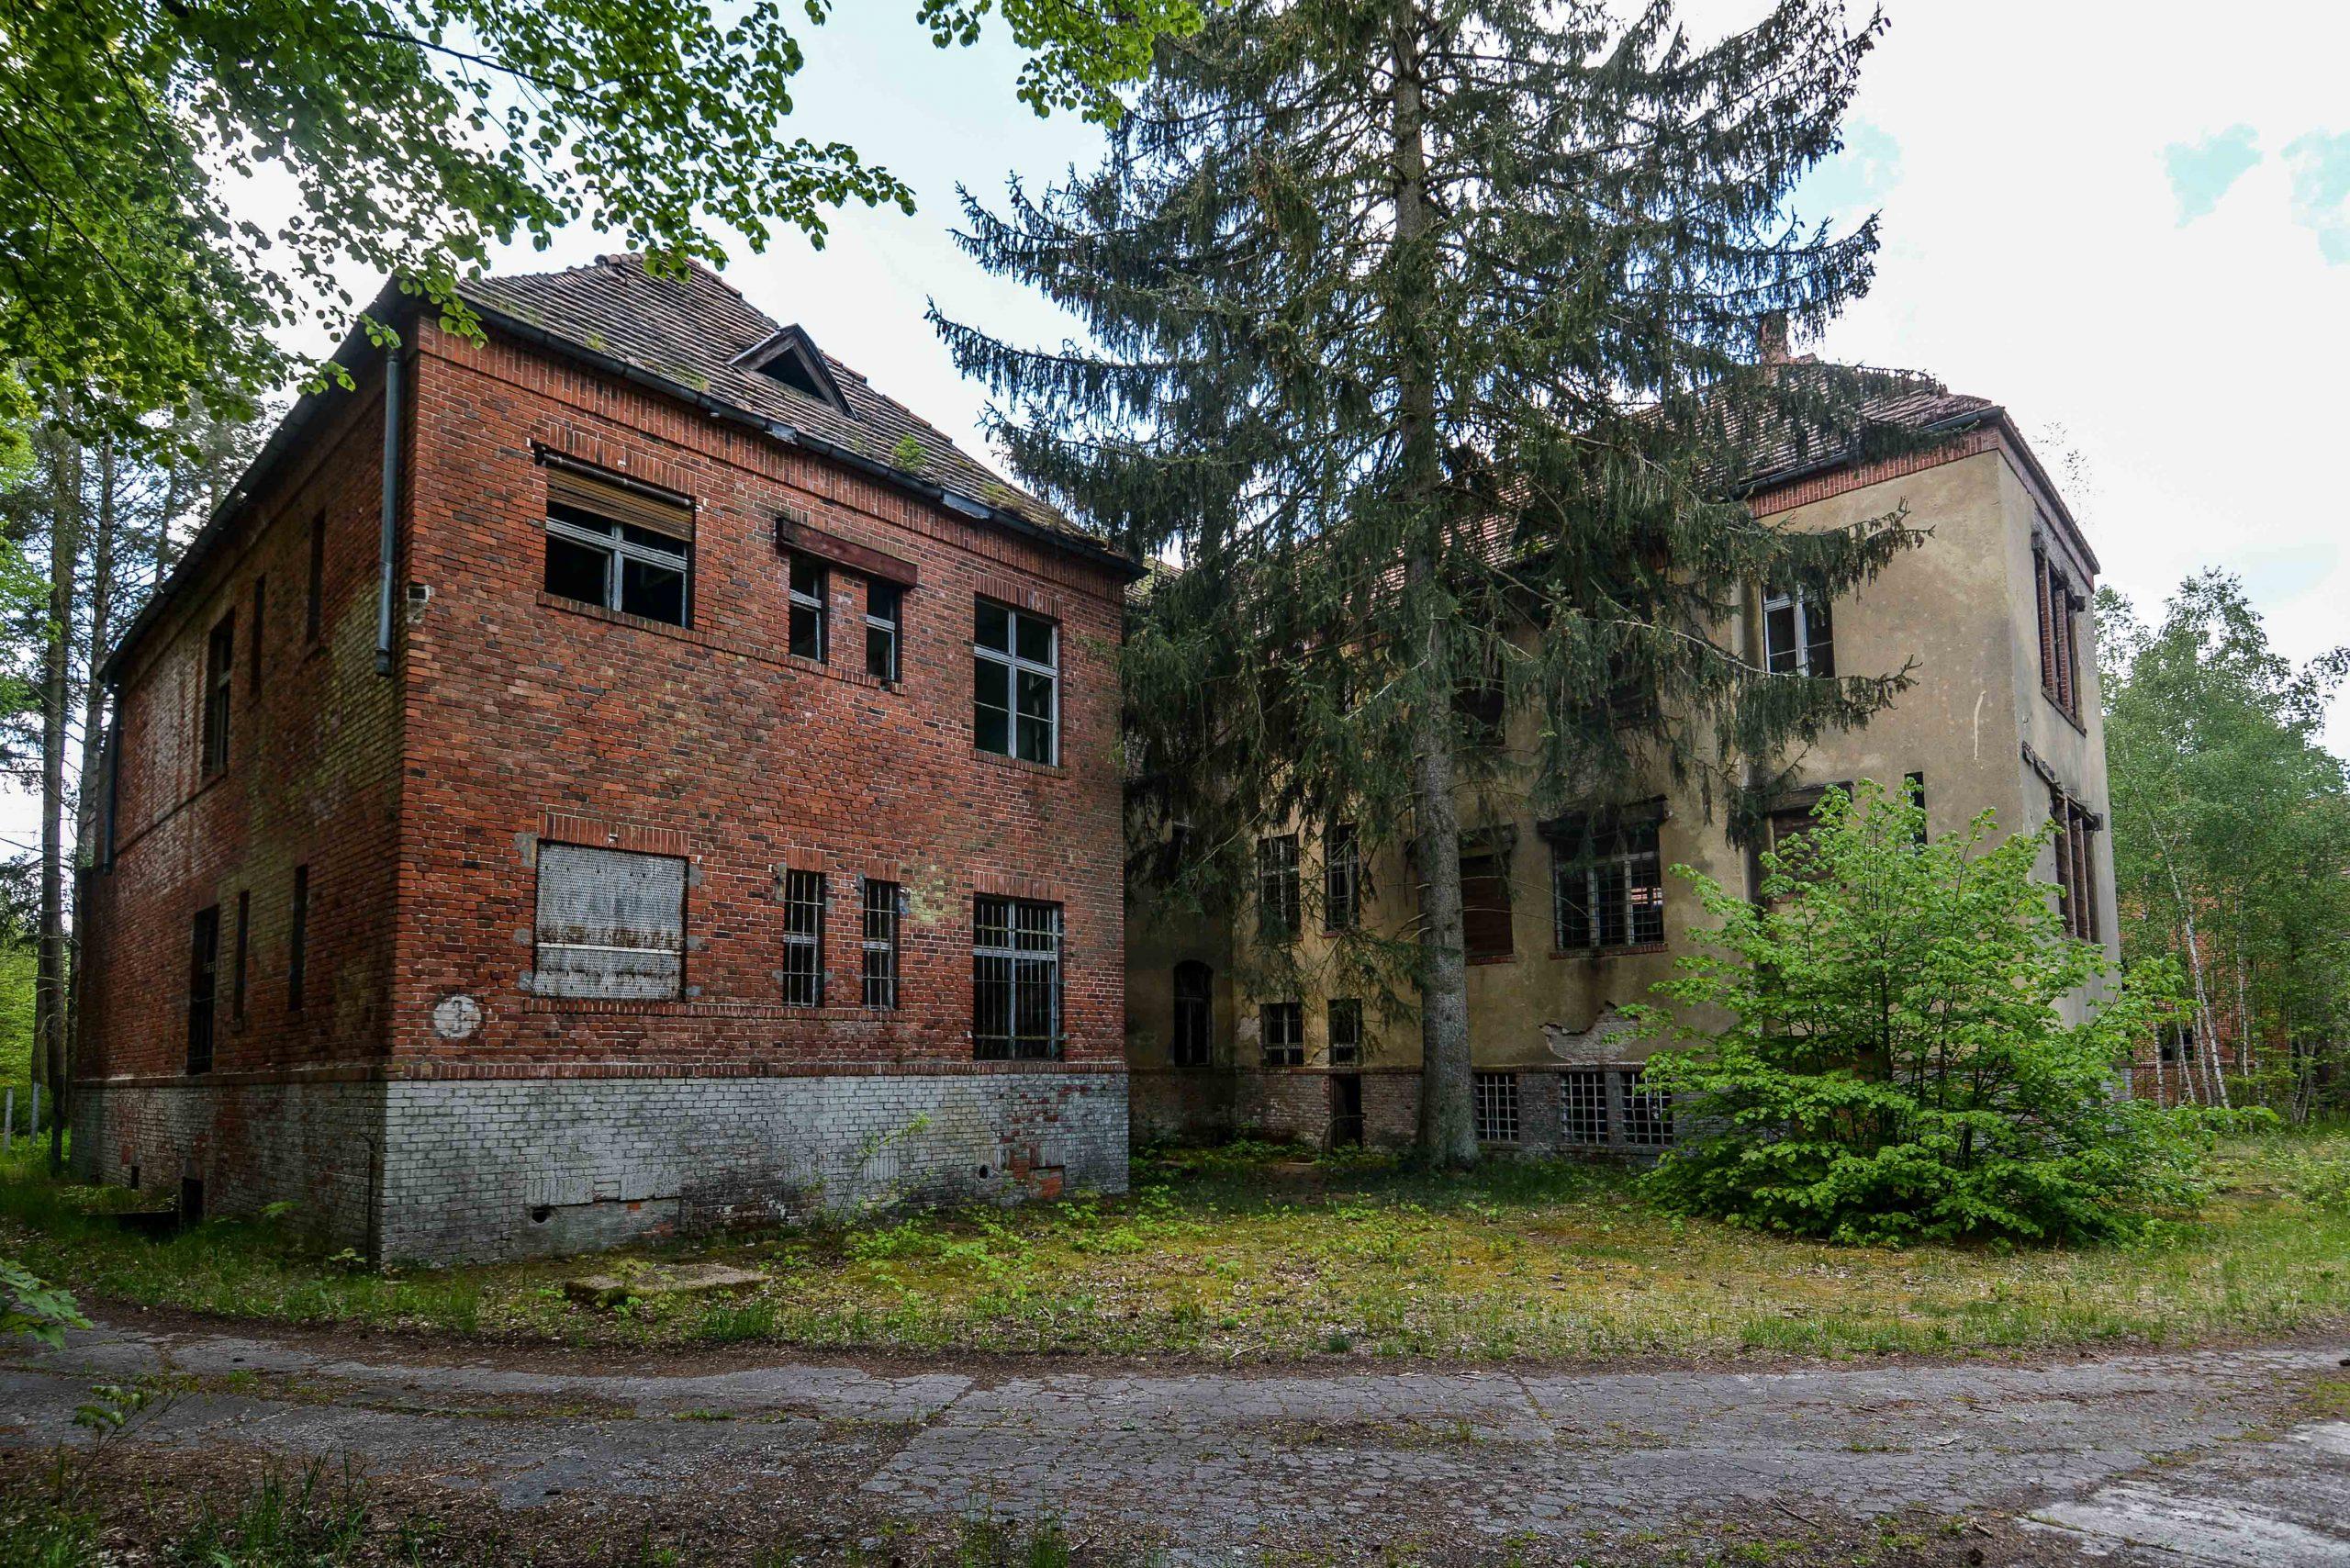 west wing sanatorium tuberkulose heilstaette grabowsee sanatorium oranienburg lost places abandoned urbex brandenburg germany deutschland